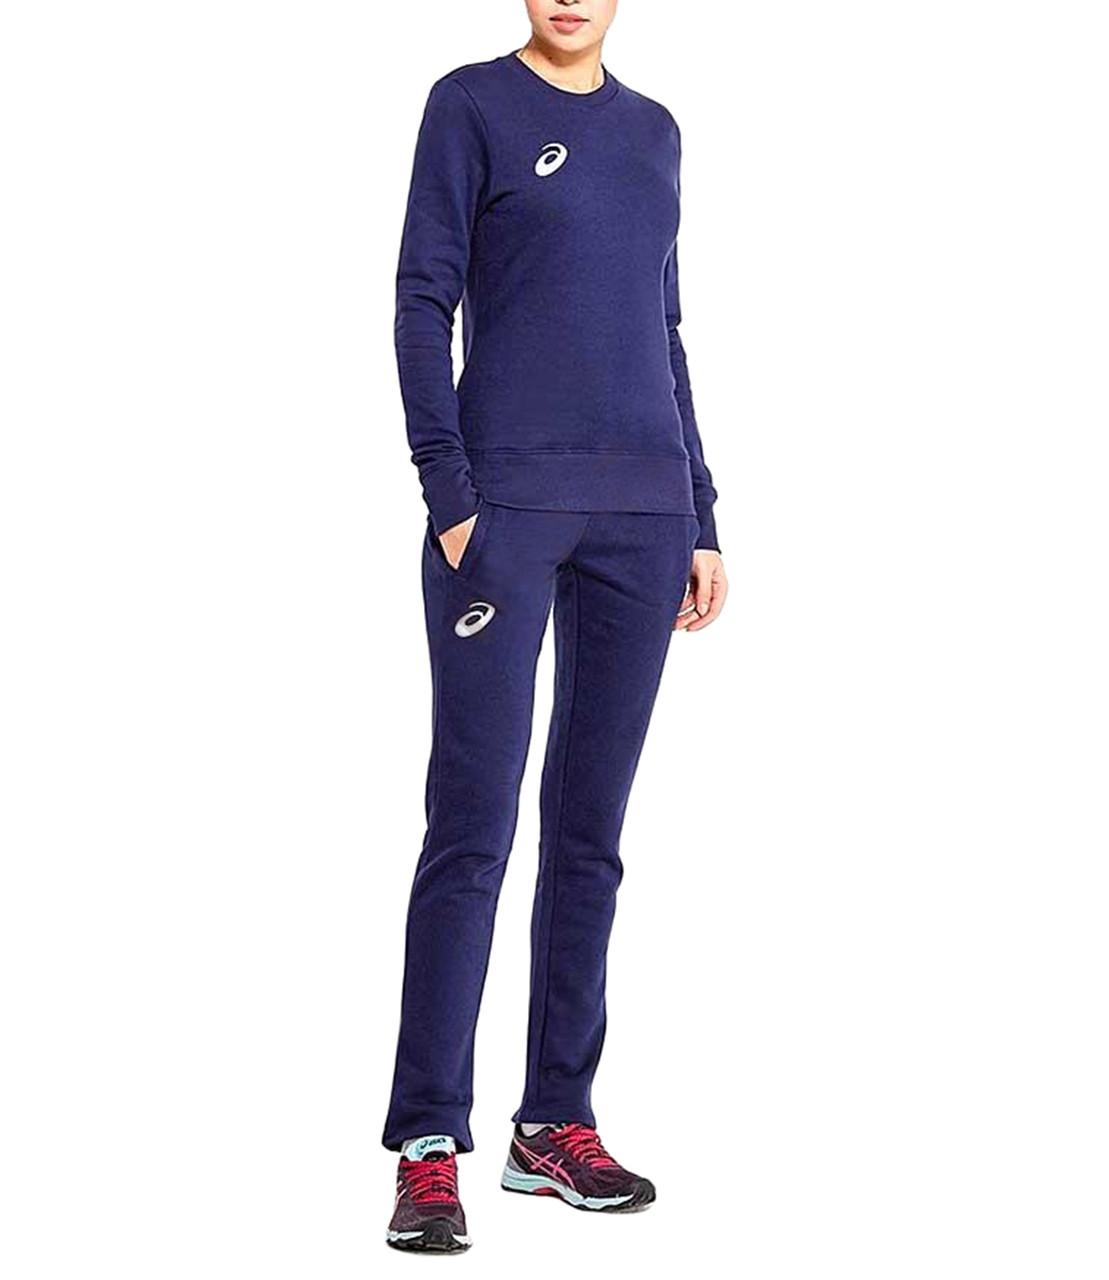 Спортивный костюм Asics Knit Suit (Women) 156866 0891